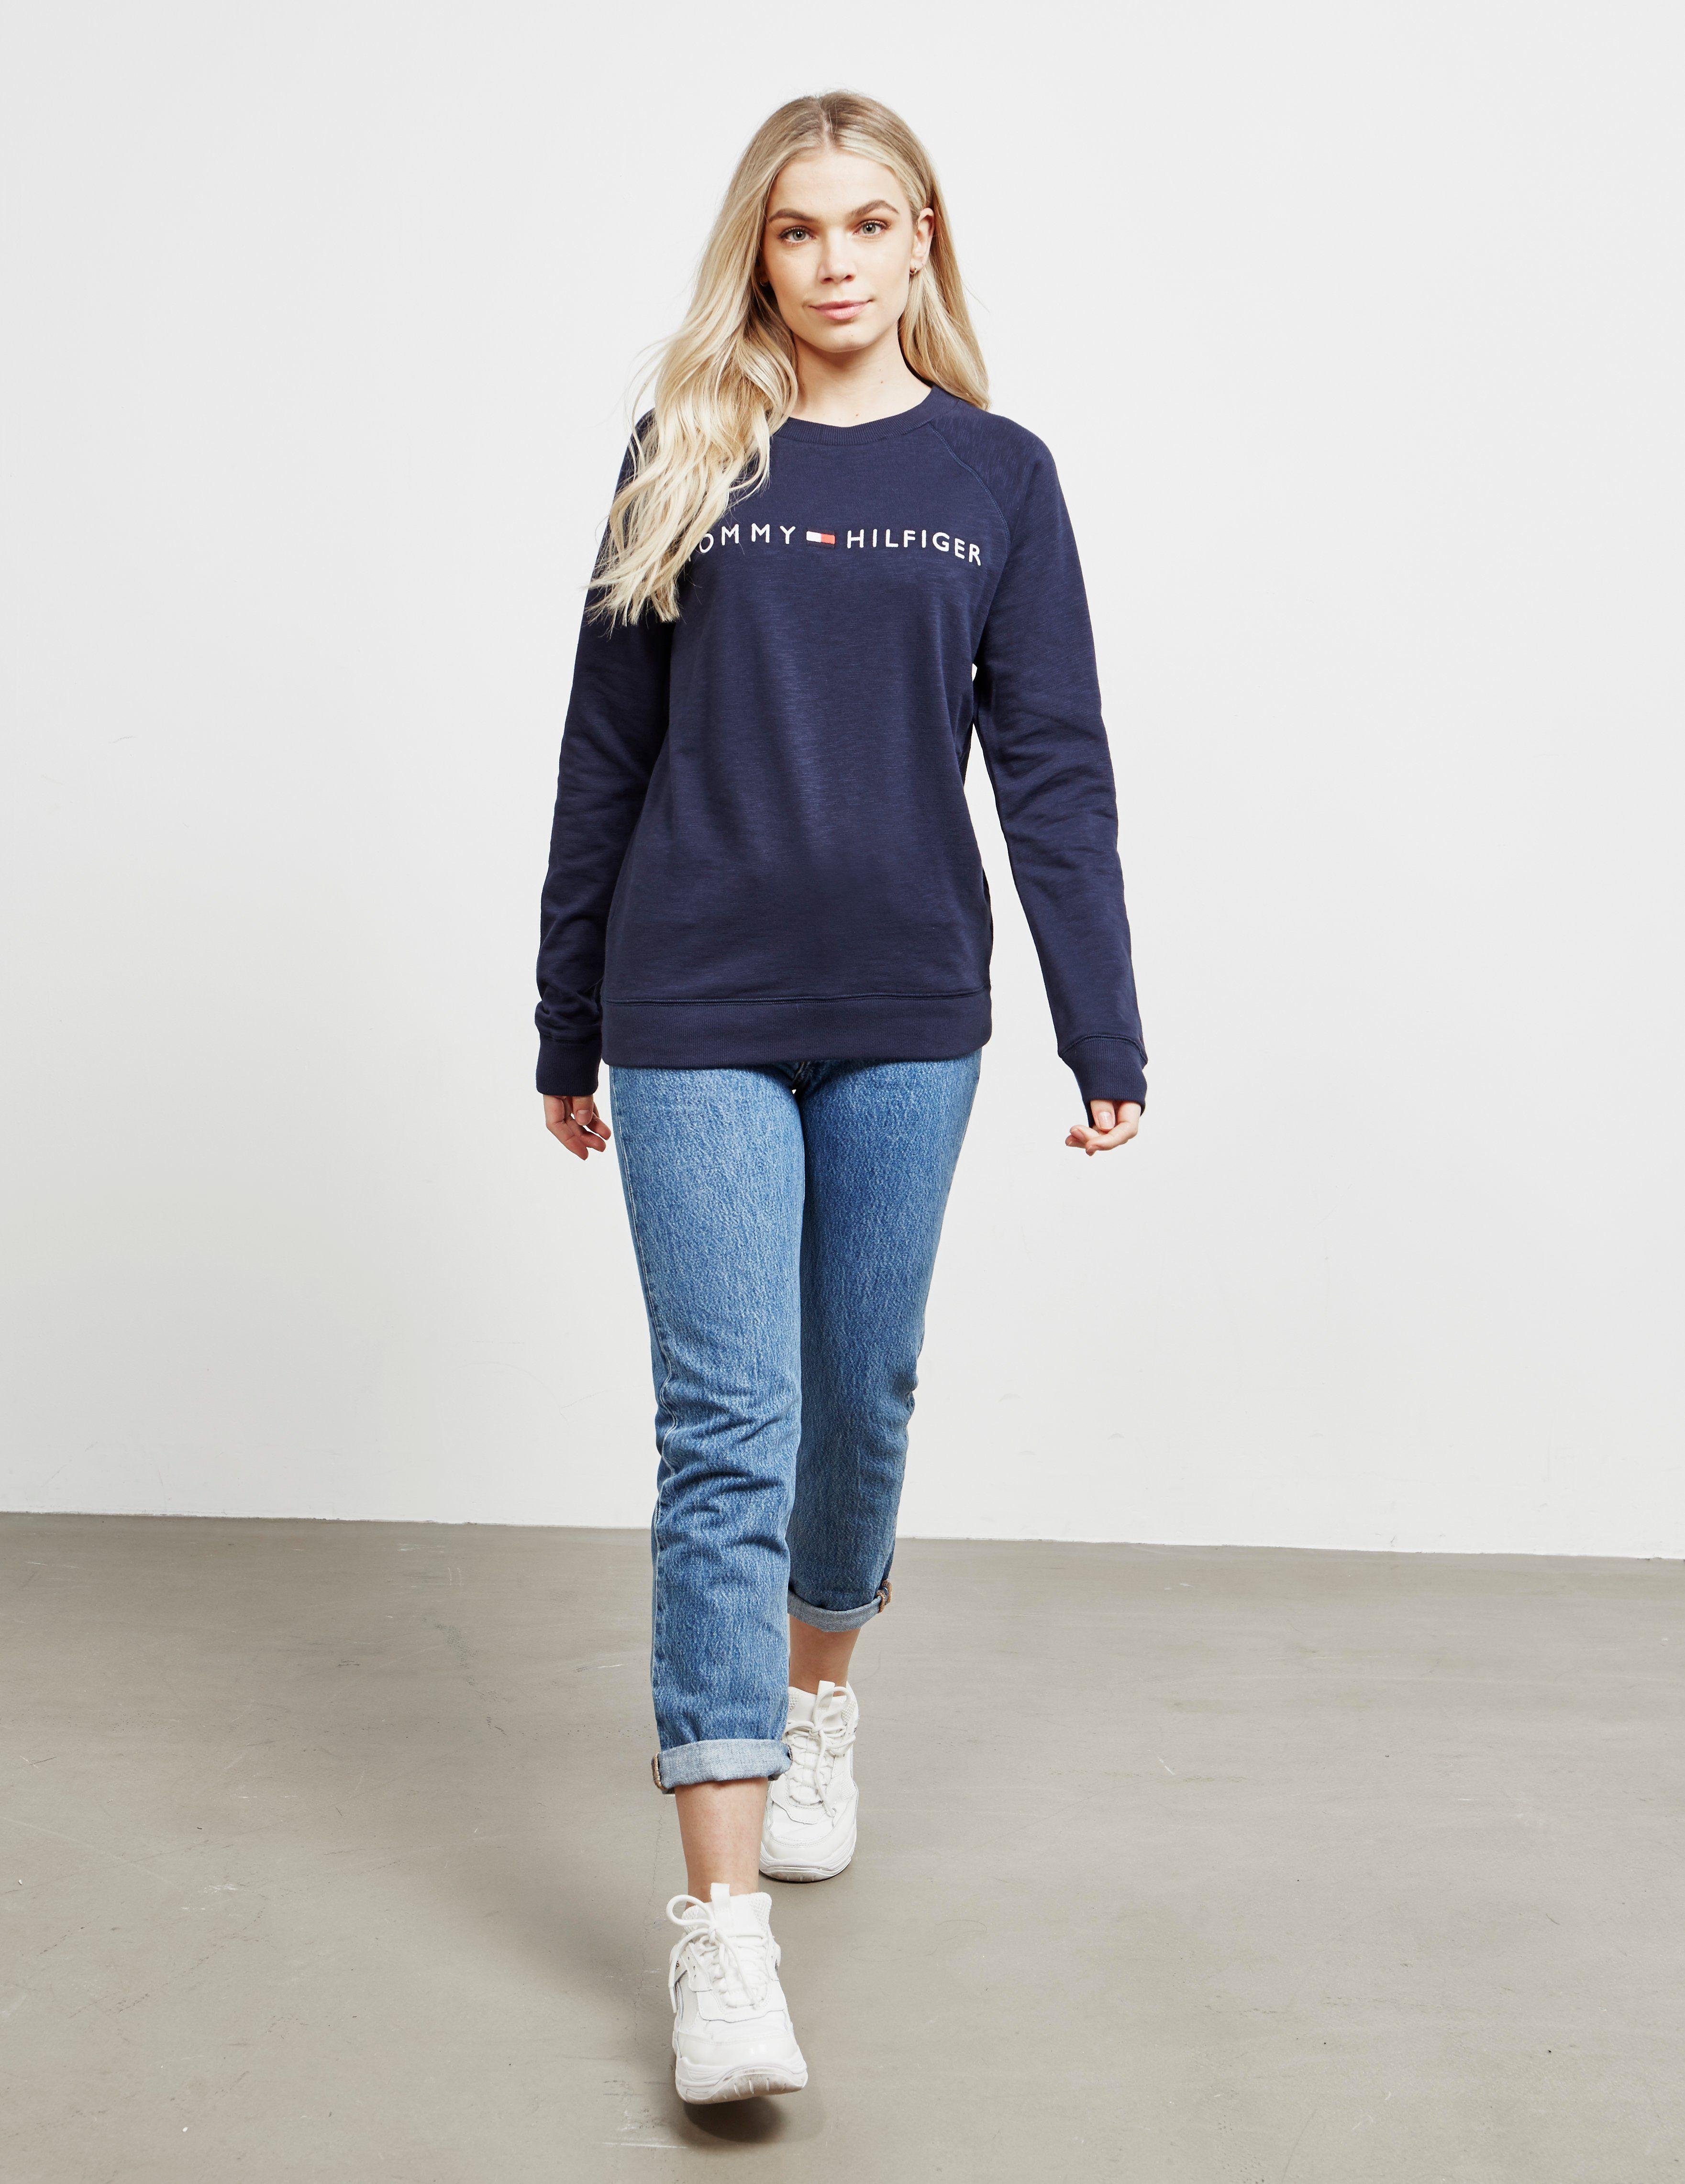 Tommy Hilfiger Origin Crew Sweatshirt